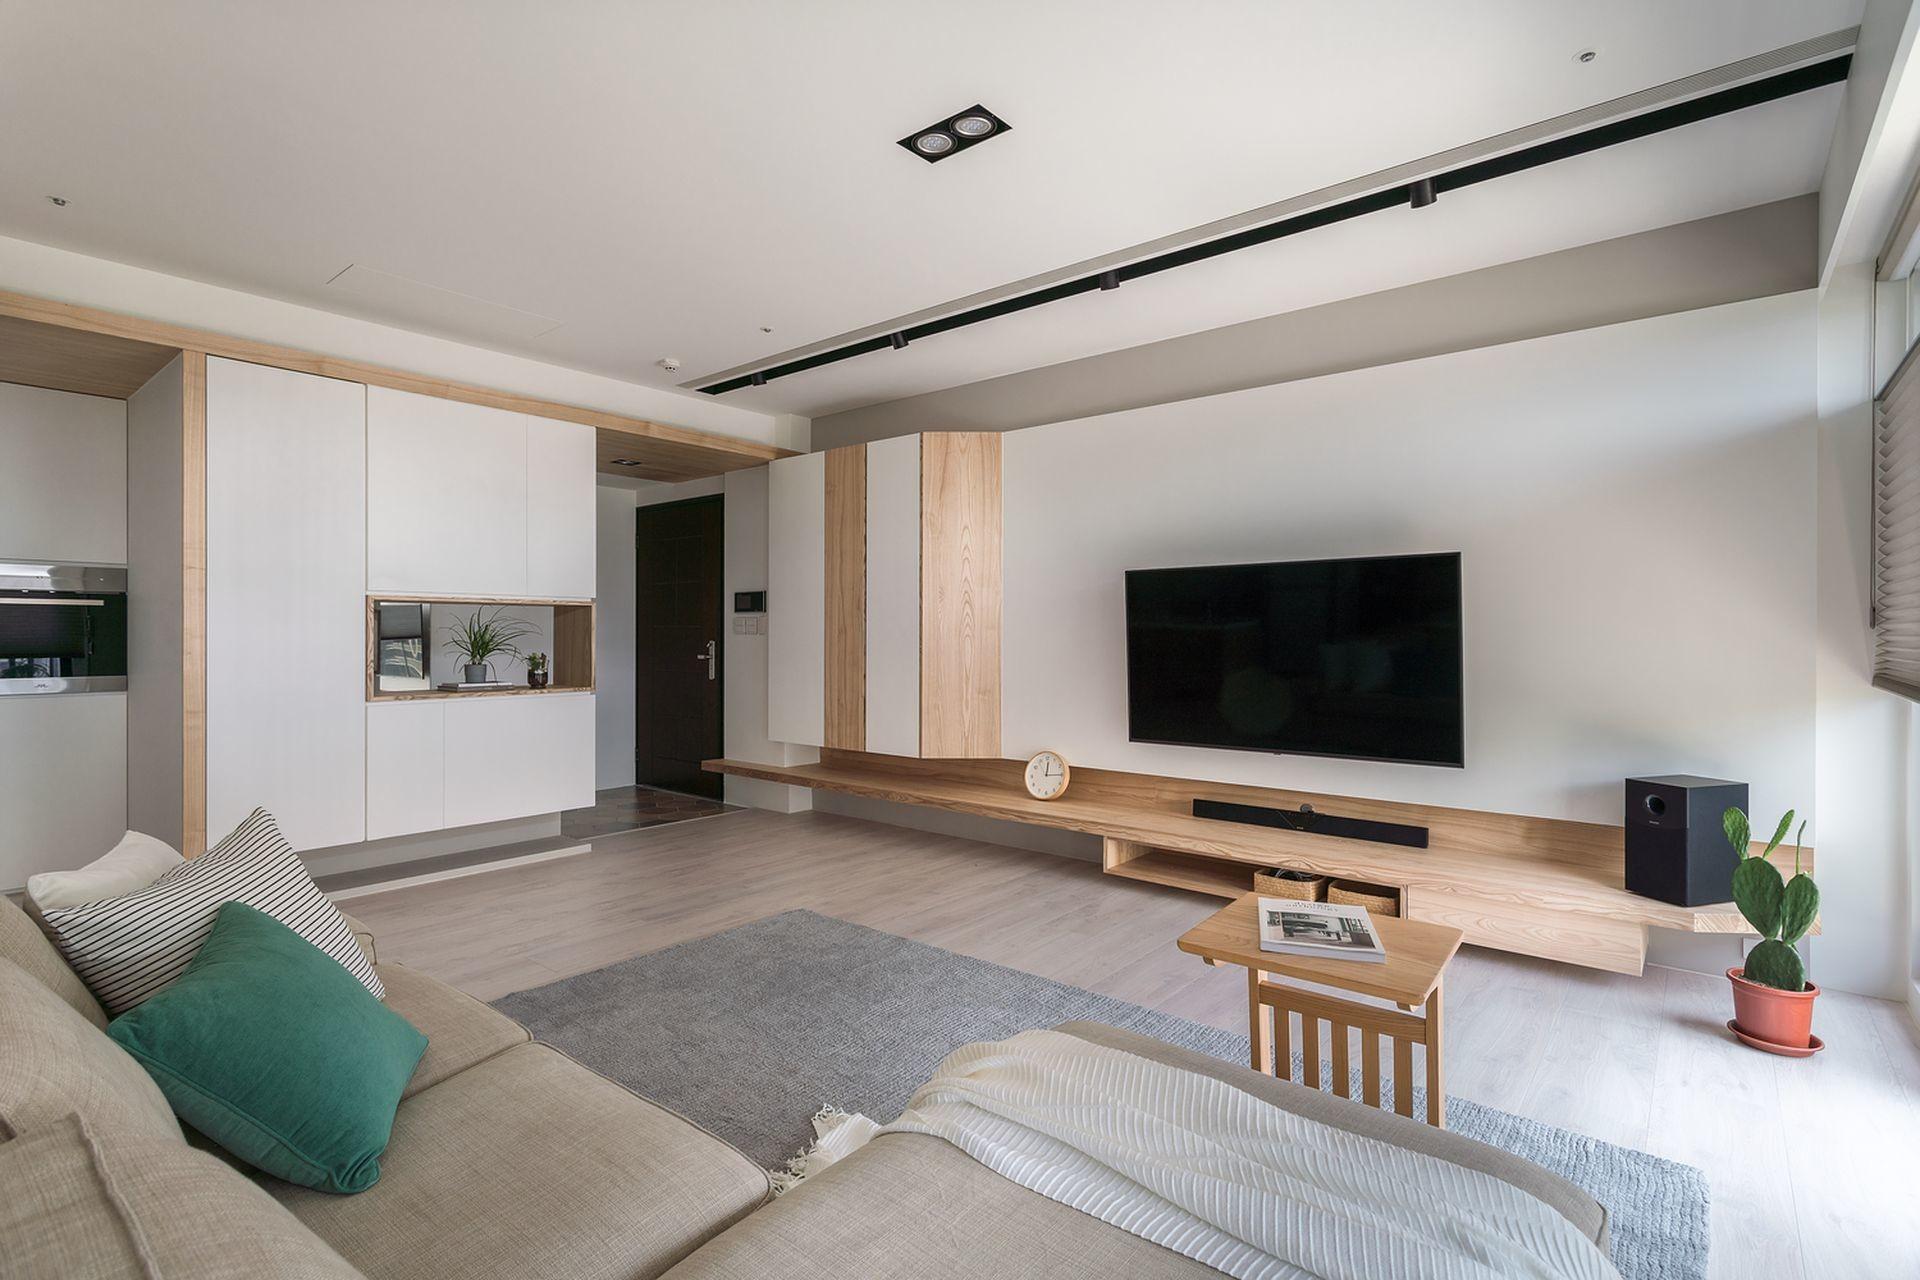 溢木質溫度幸福宅-舒適自在的生活-pic2